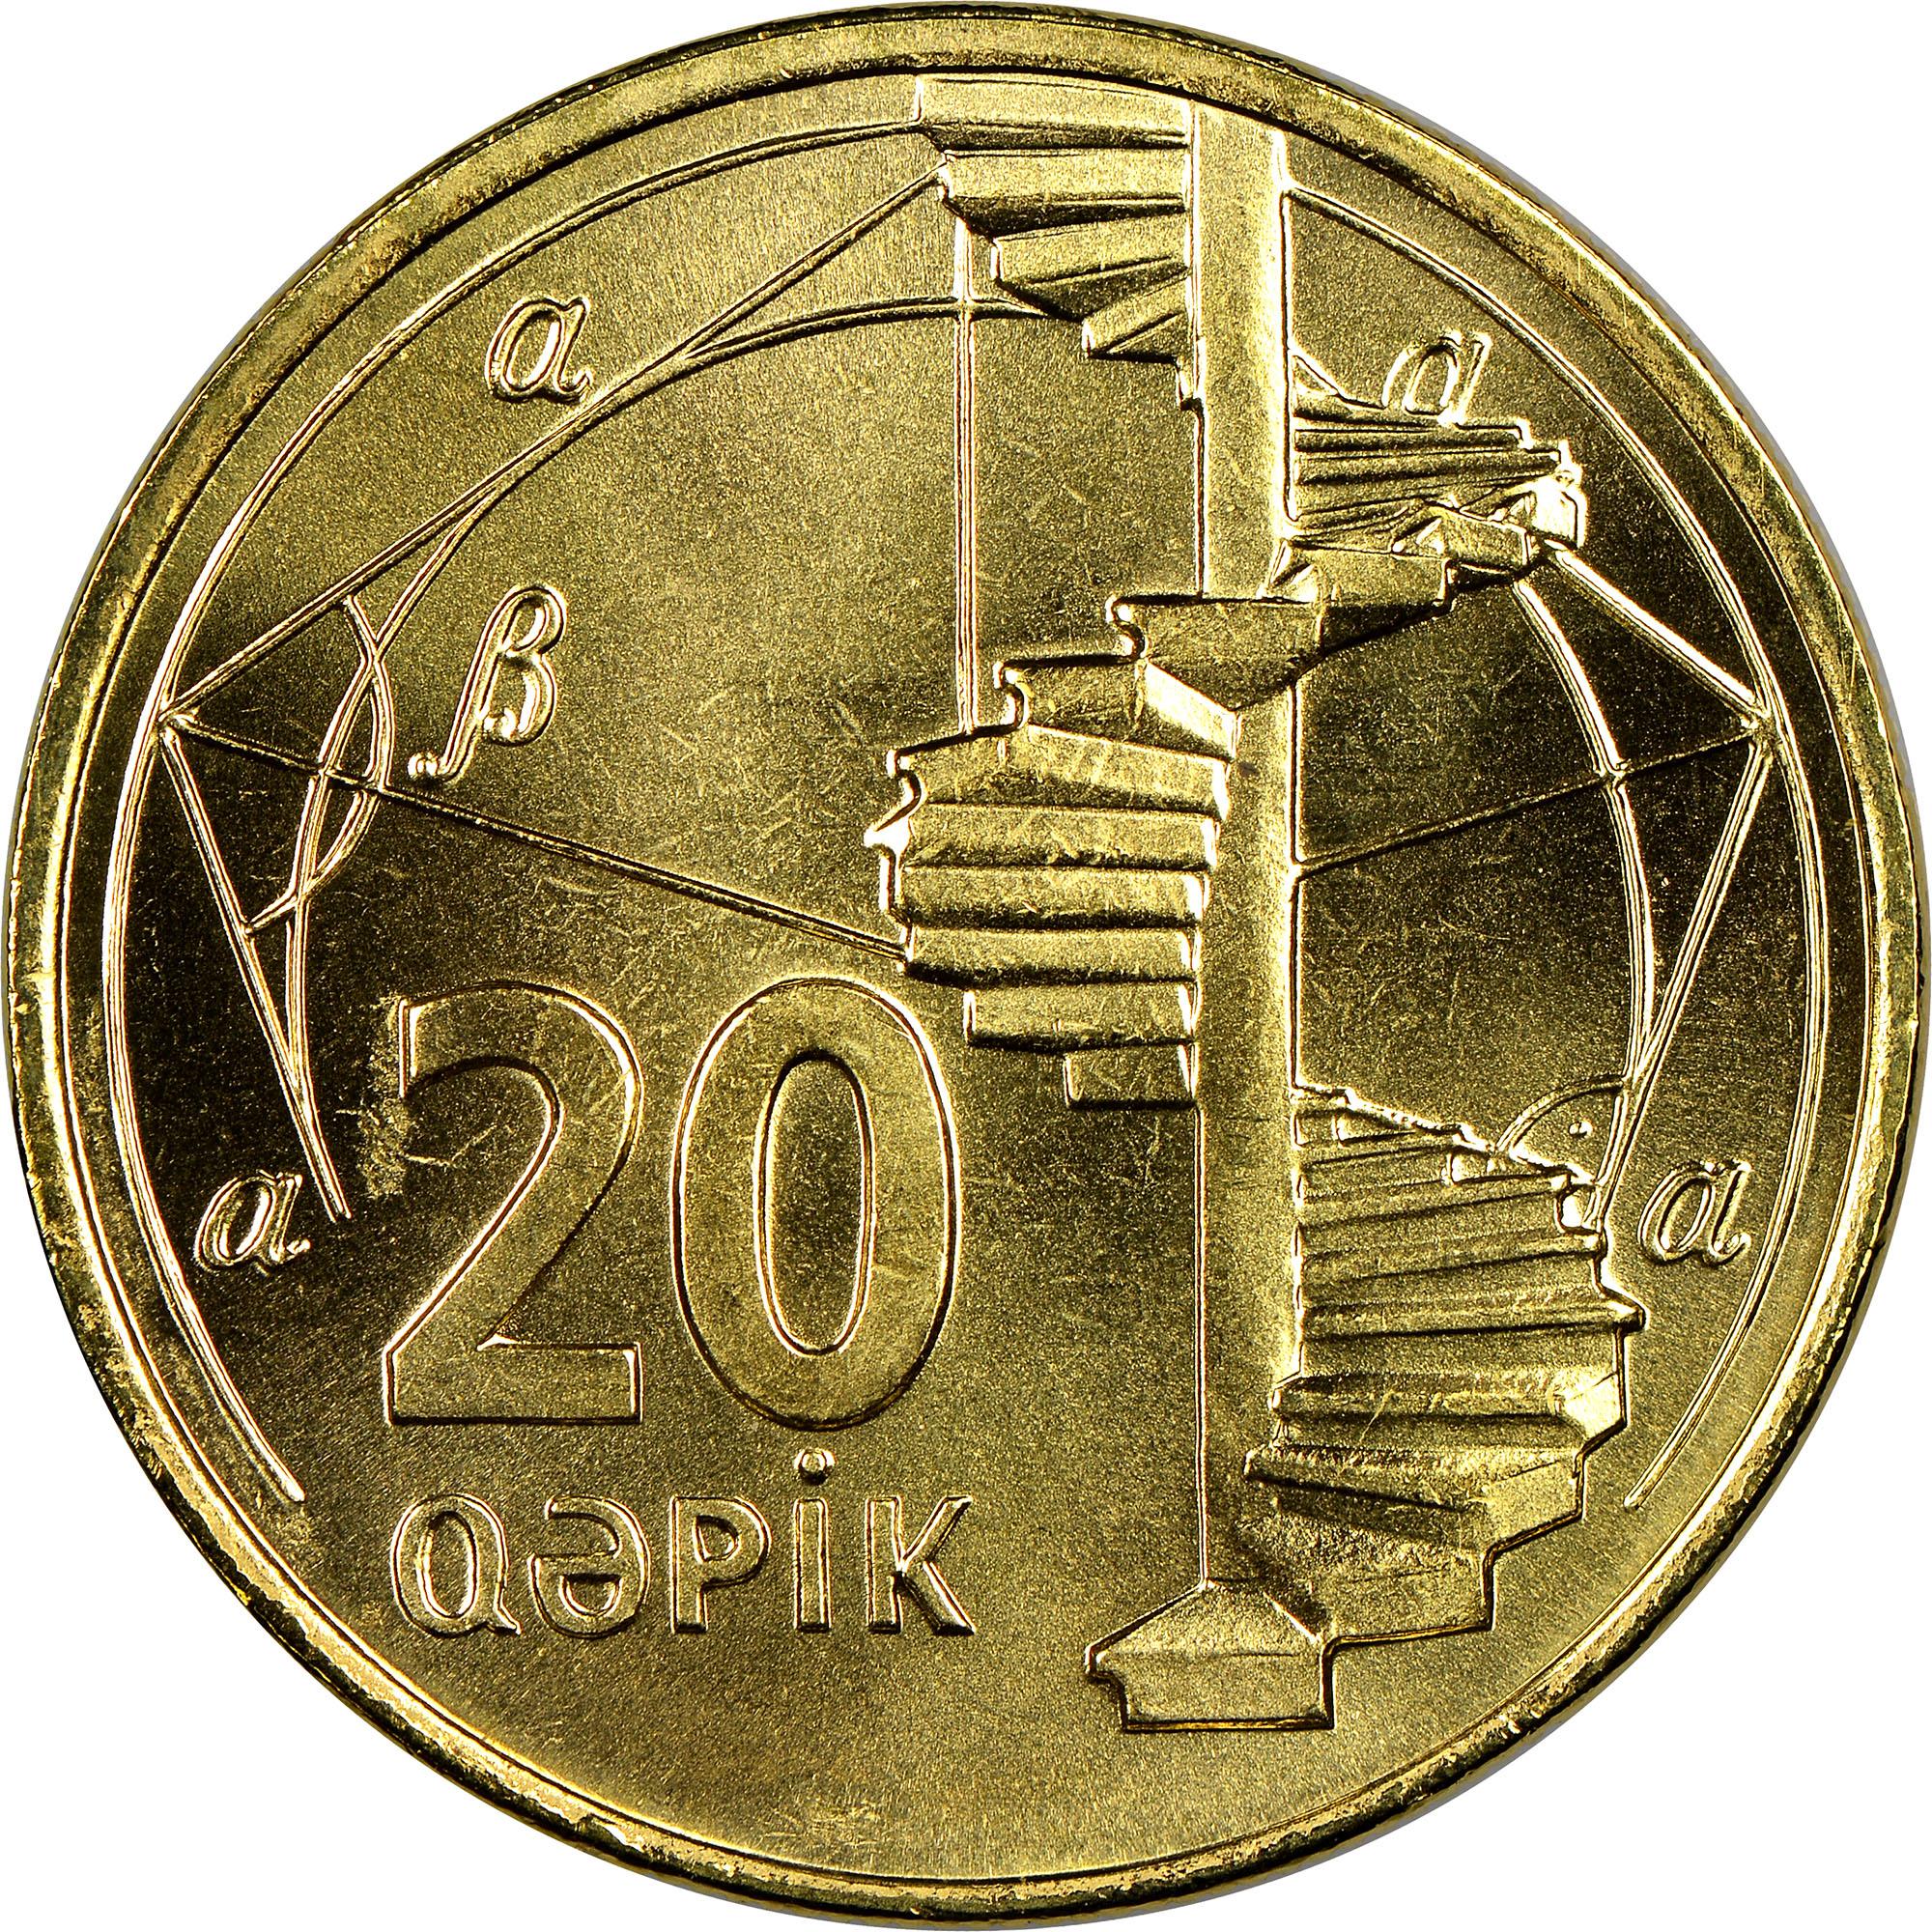 Azerbaijan 20 Qapik reverse